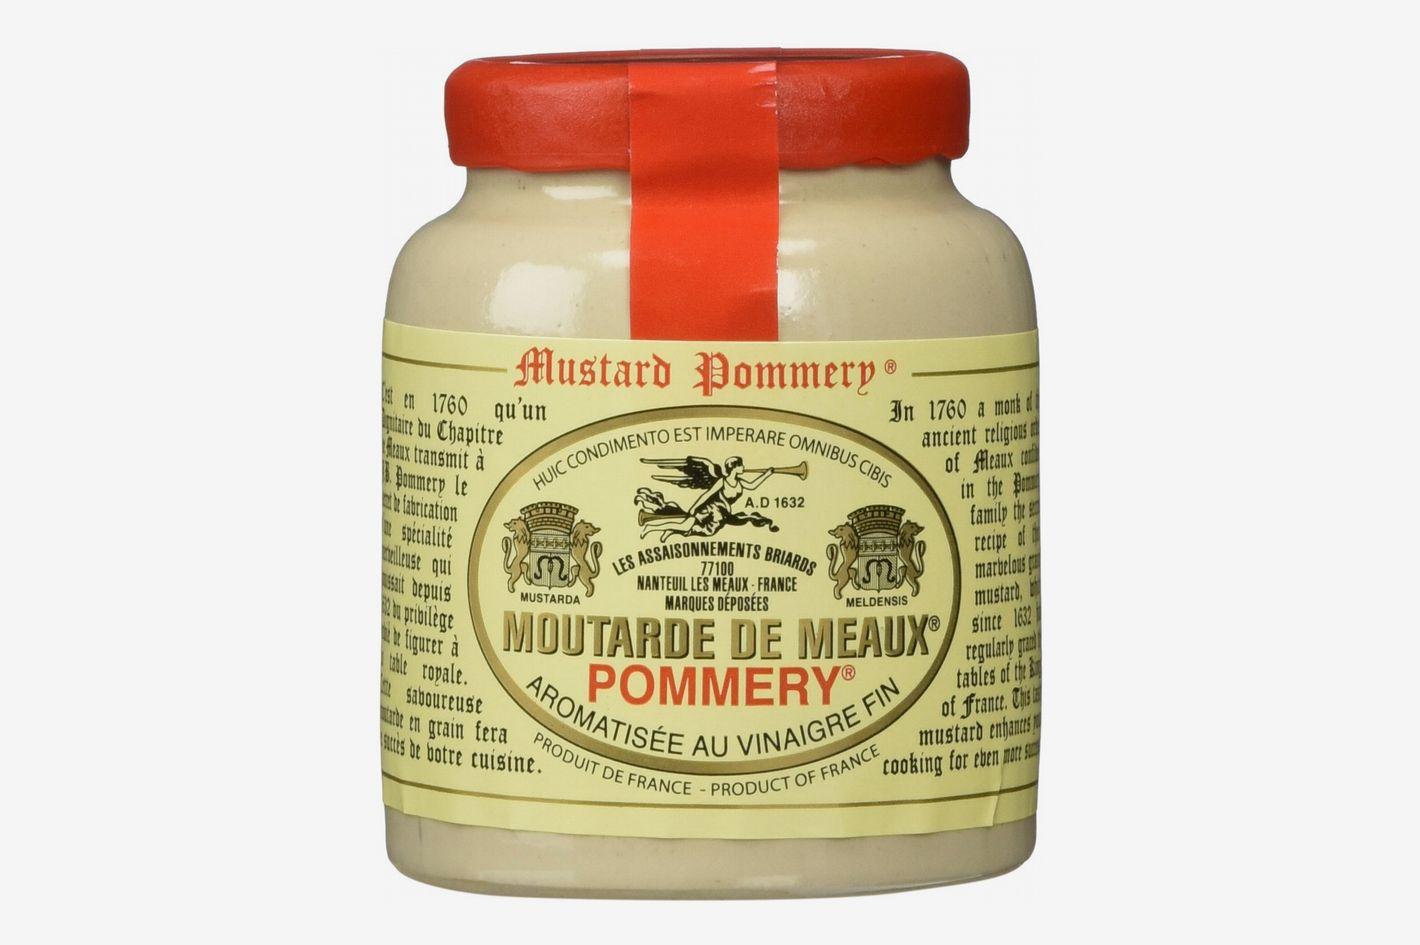 Pommery Mustard Meaux Moutarde in Pottery Crock